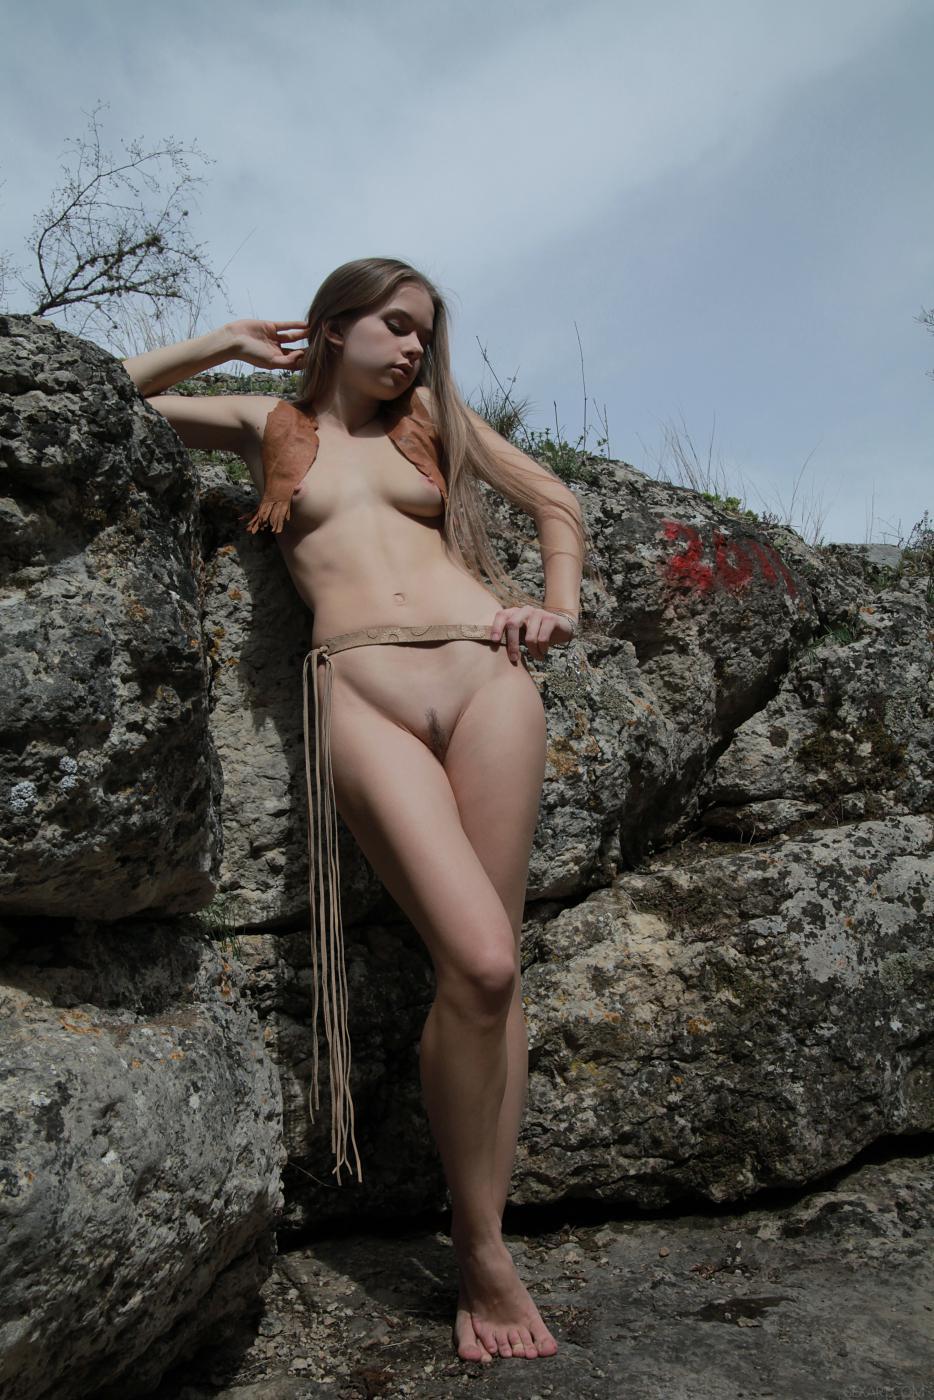 Завораживающая девочка-подросток Milena D показывает свое фантастическое тело на природе